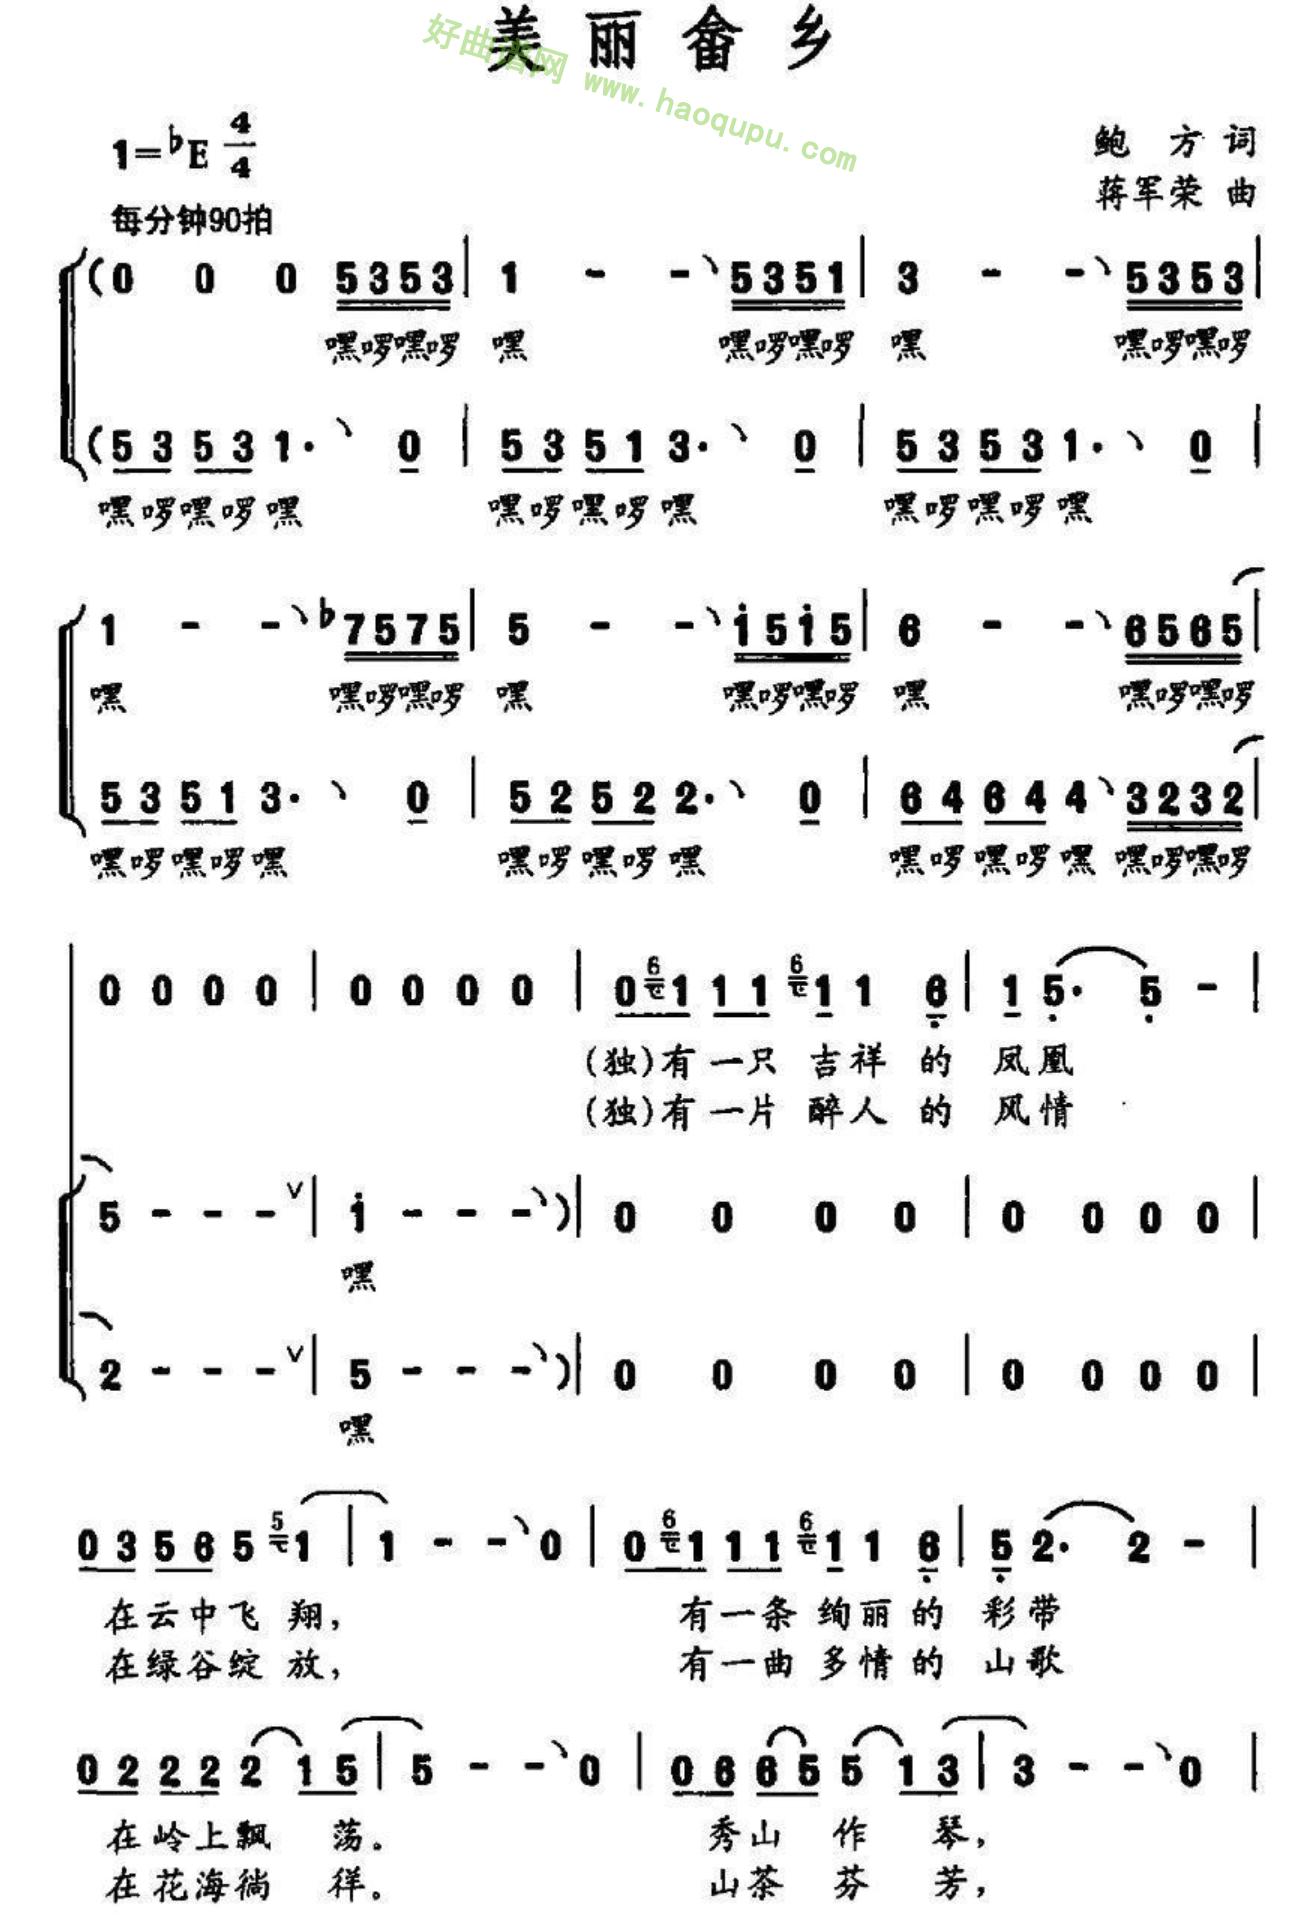 《美丽畲乡》(鲍方词 蒋军荣曲)合唱谱第1张